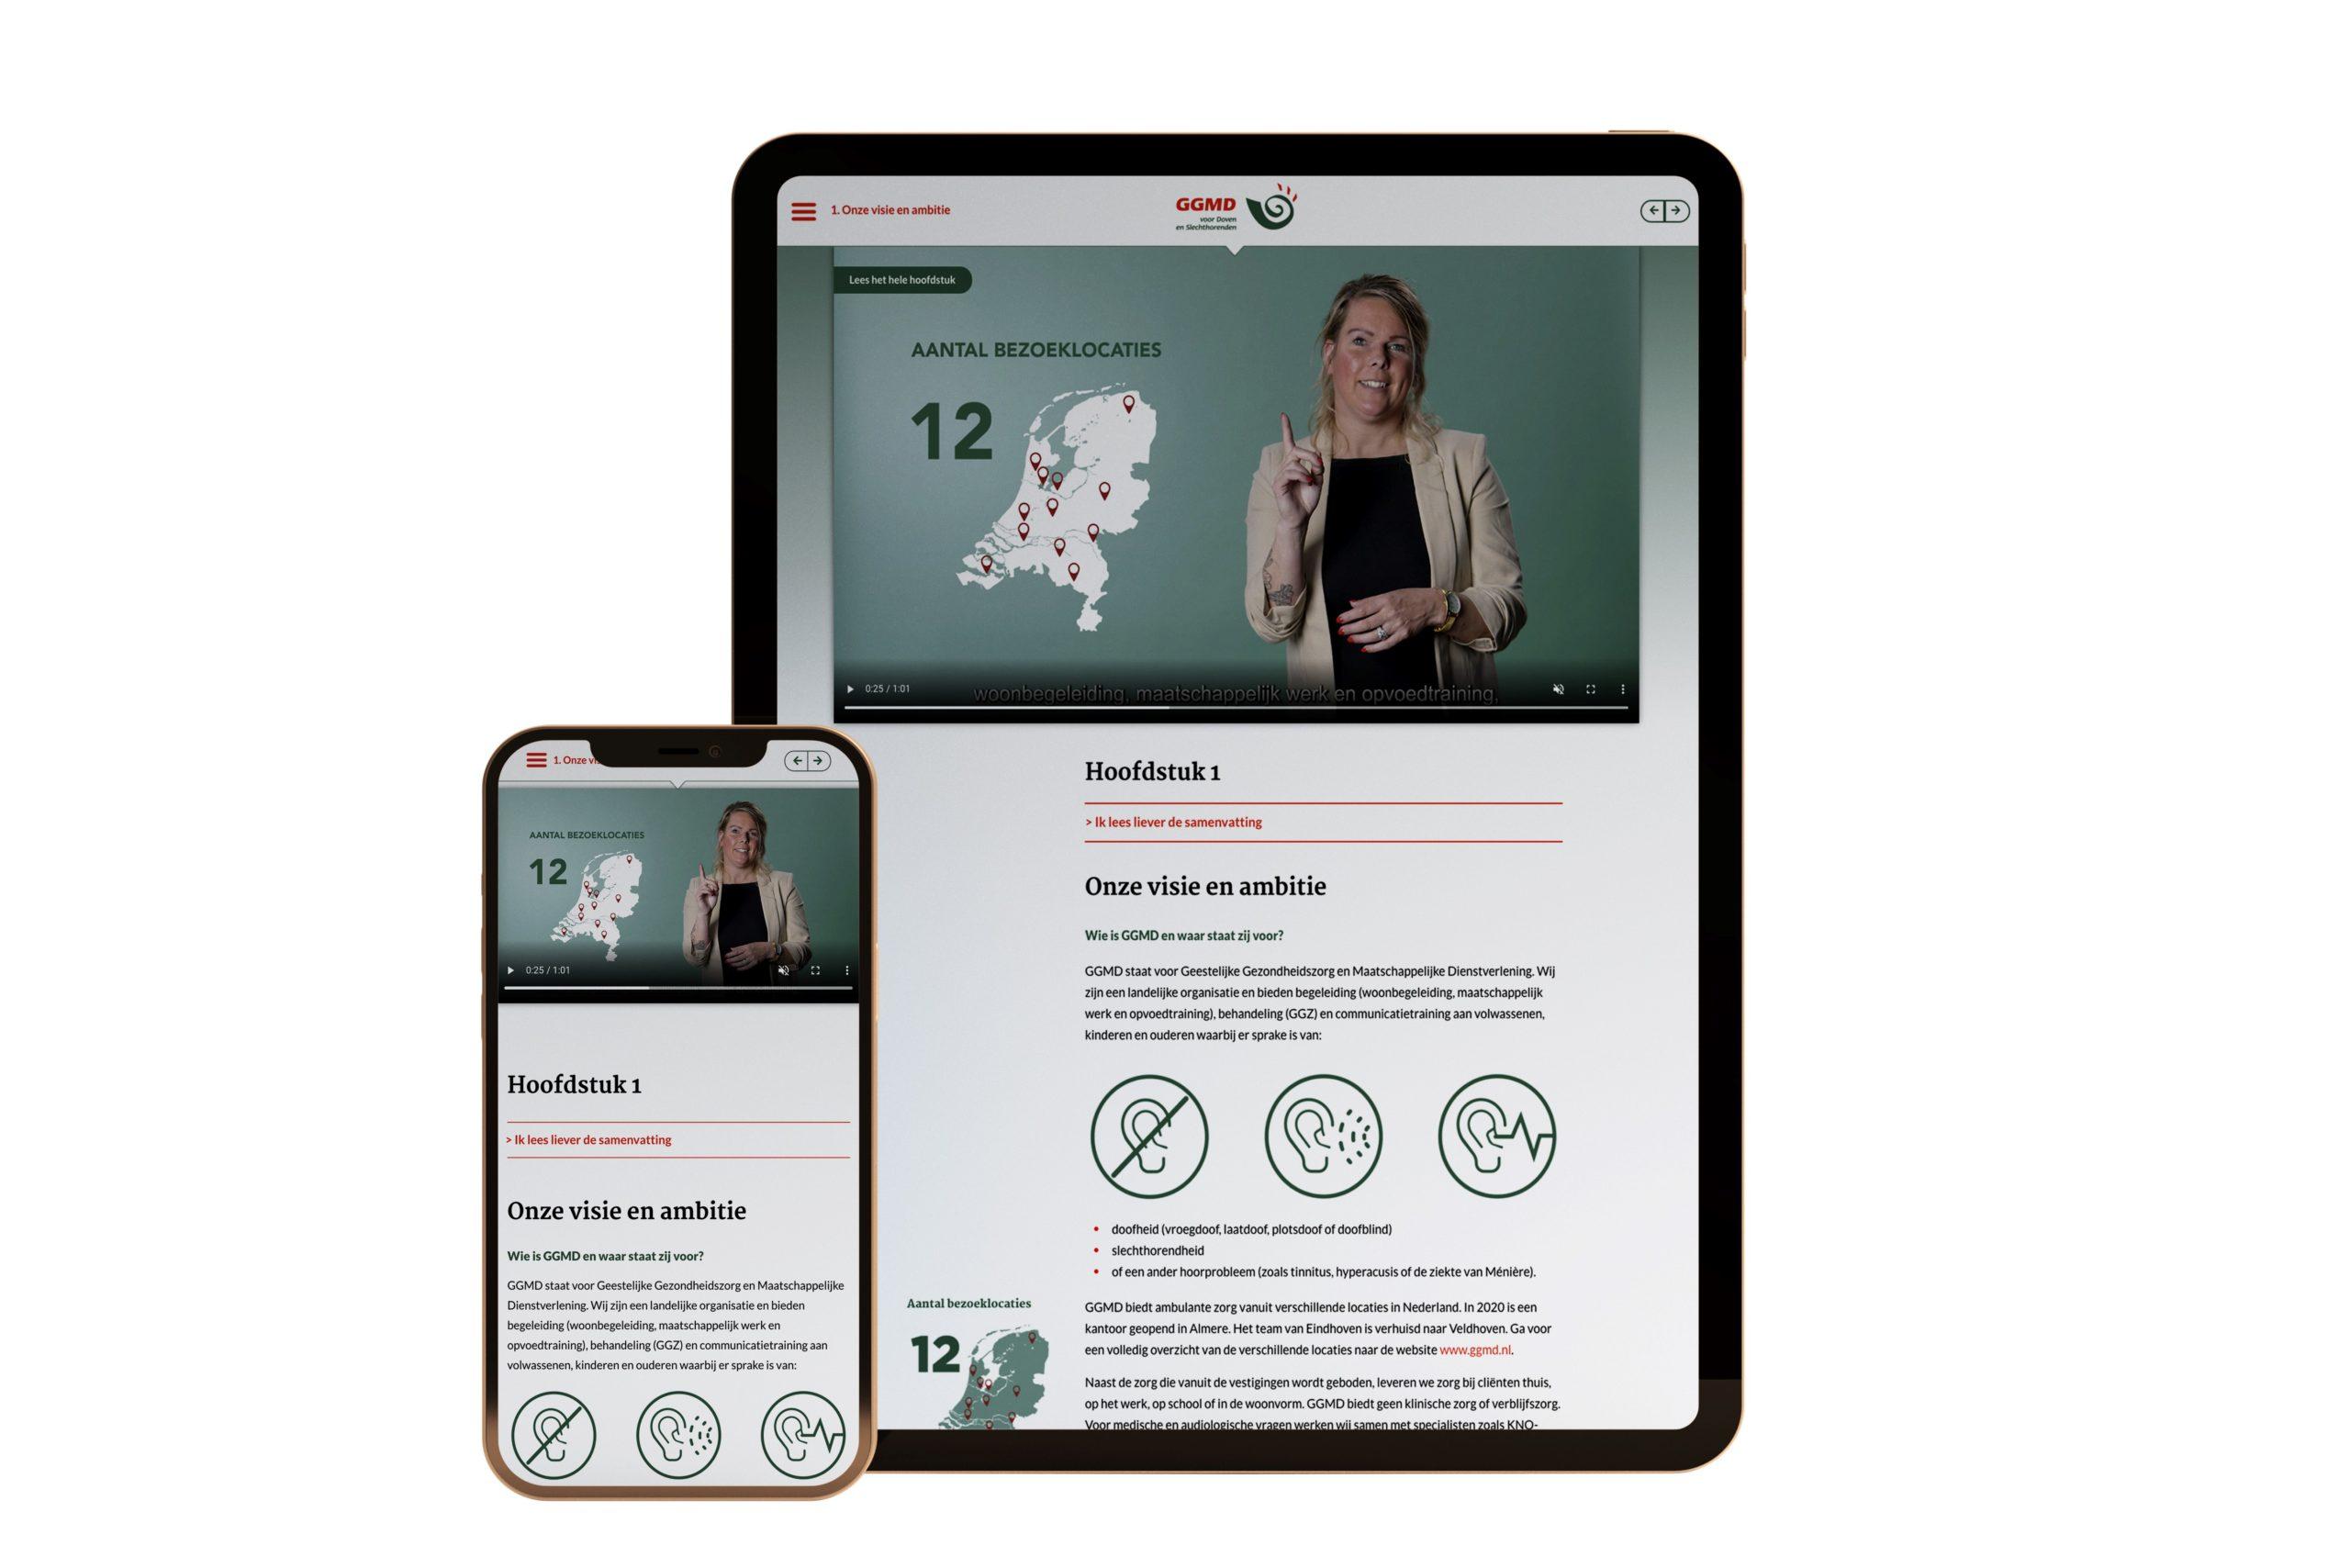 Jaarverslag 2020 GGMD smartphone en tablet